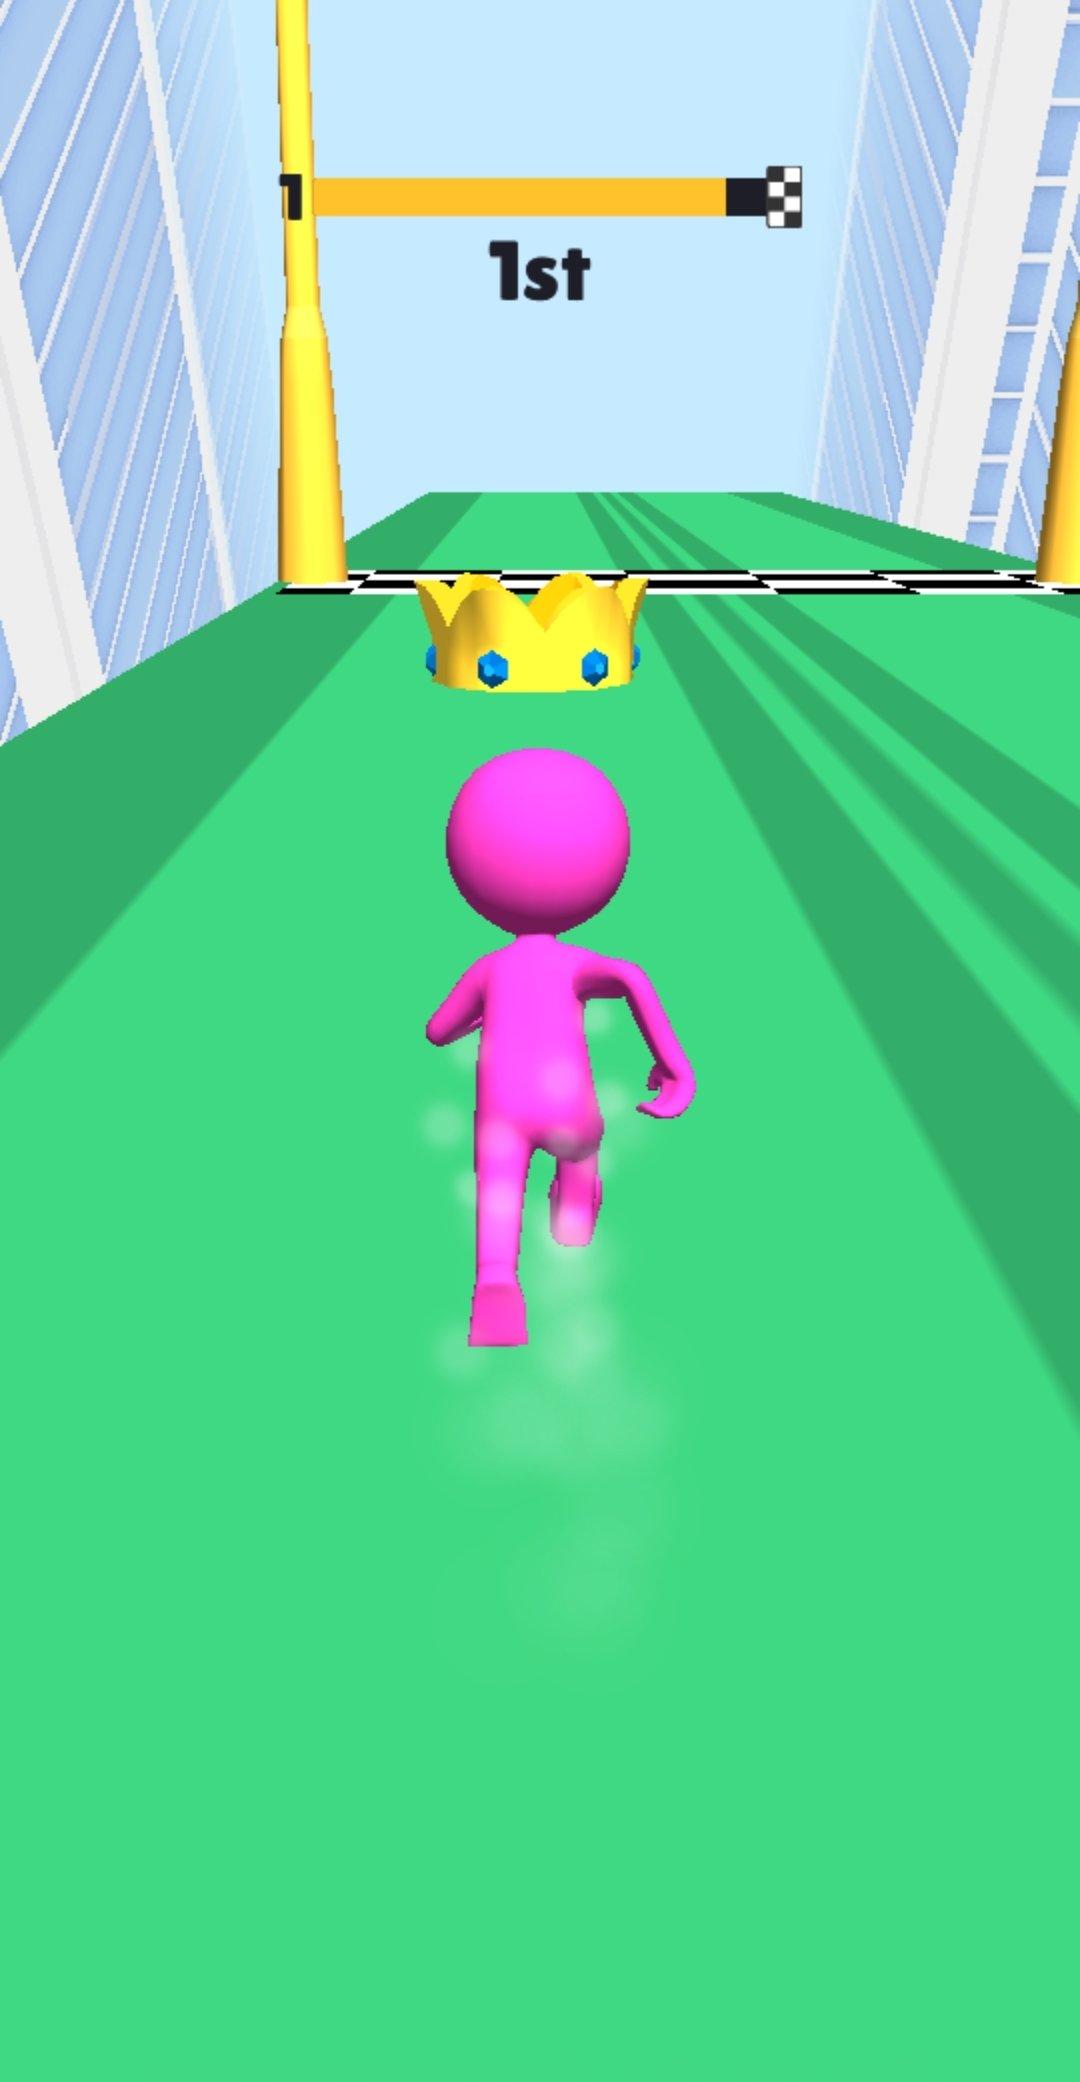 Fall Race 3D 1.0 - Скачать для Android APK бесплатно